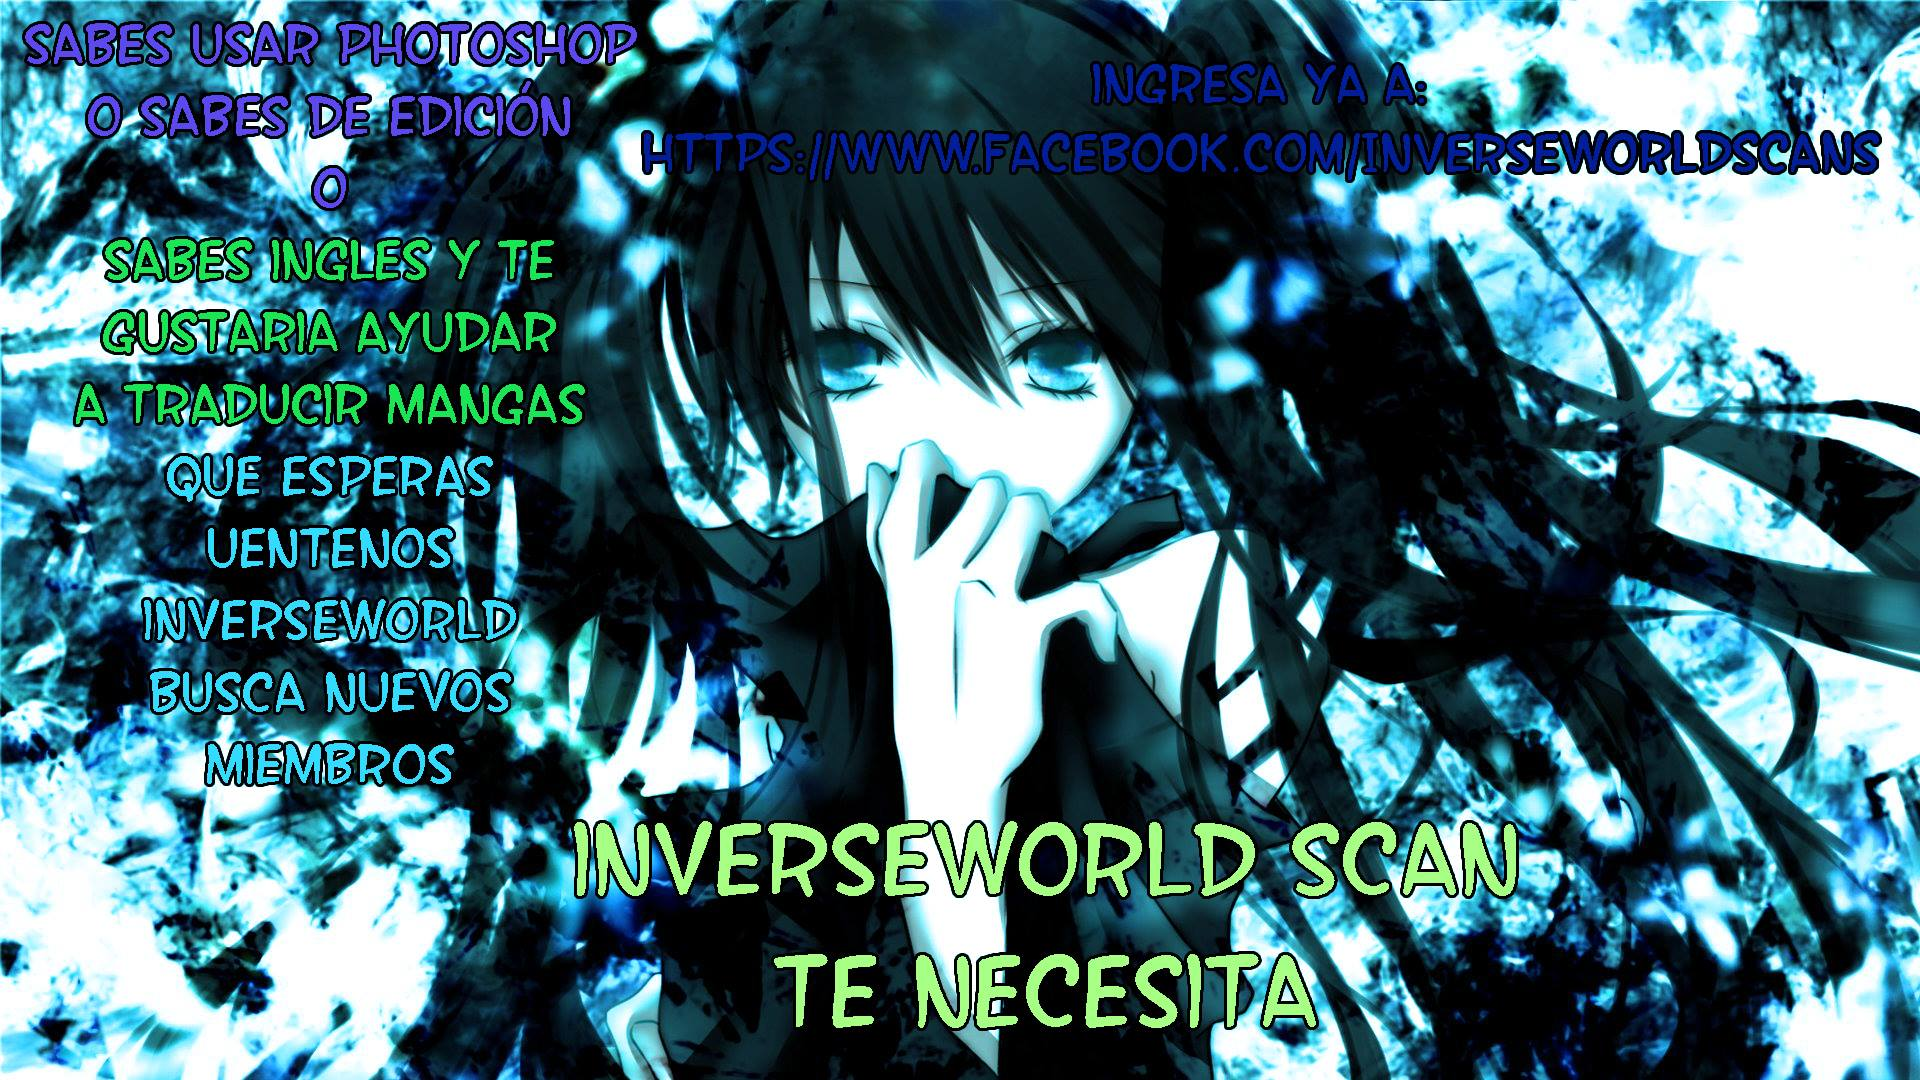 https://c5.mangatag.com/es_manga/18/16210/391365/c203f236cf82b0803440f54555fb2392.jpg Page 2